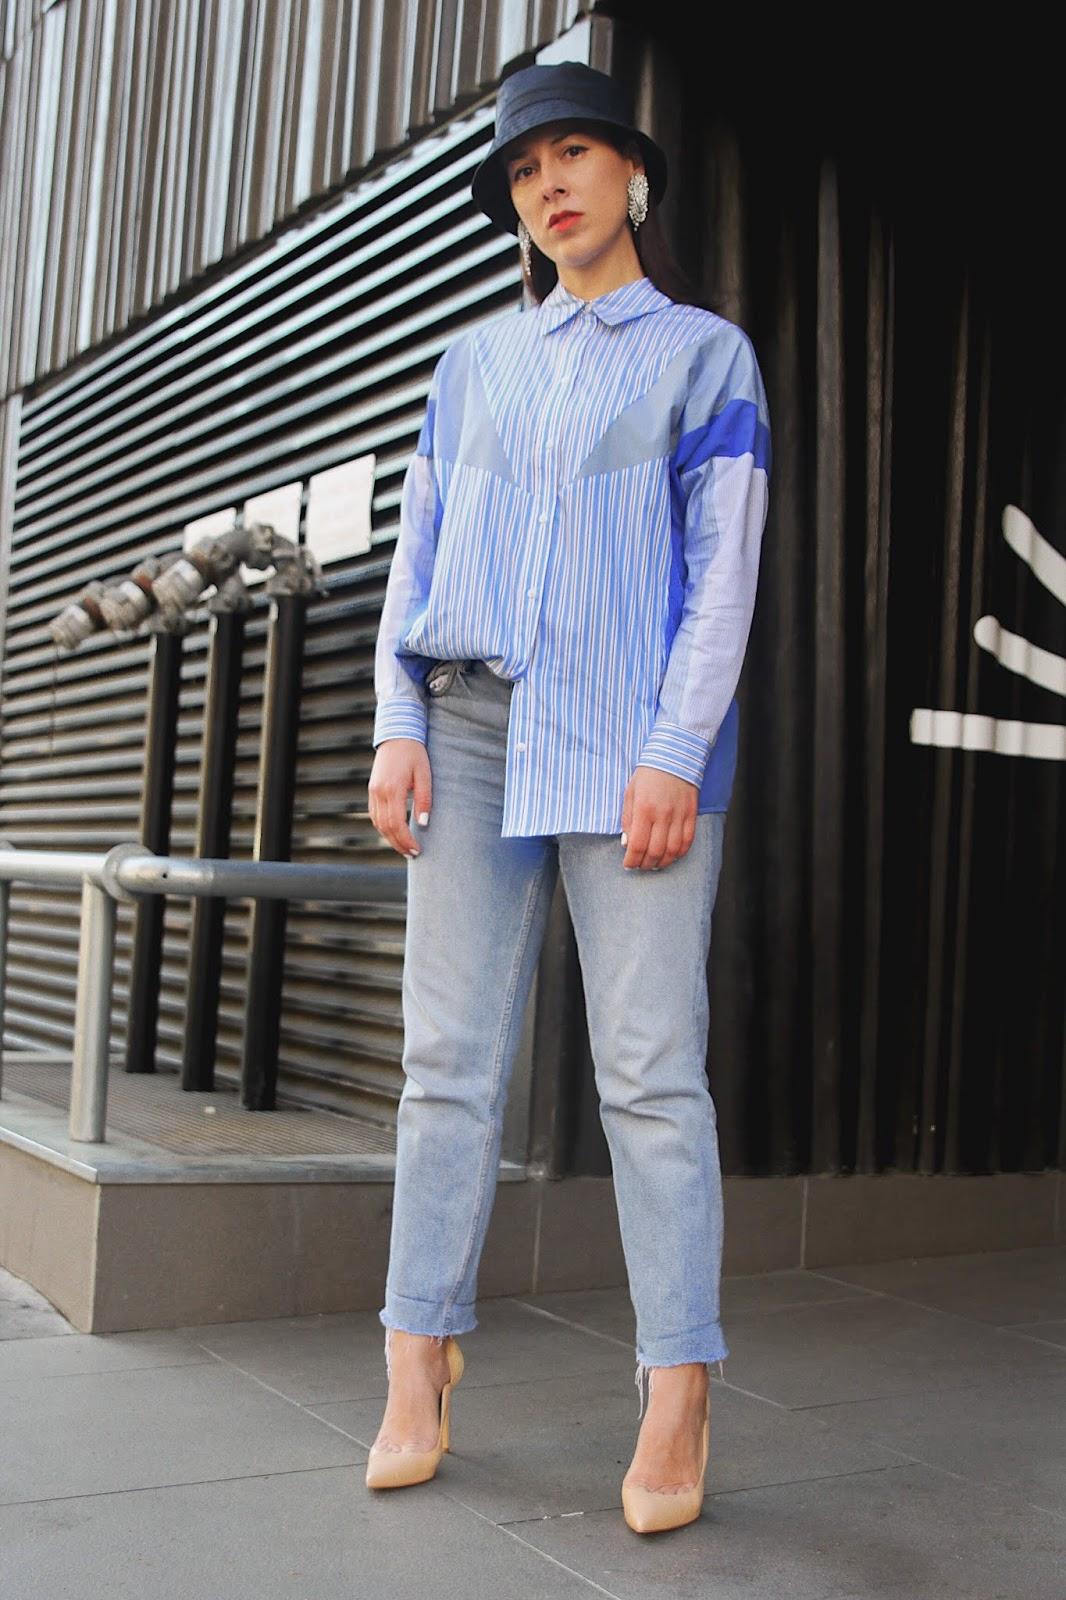 comment porter un bob, printemps, chemise oversized